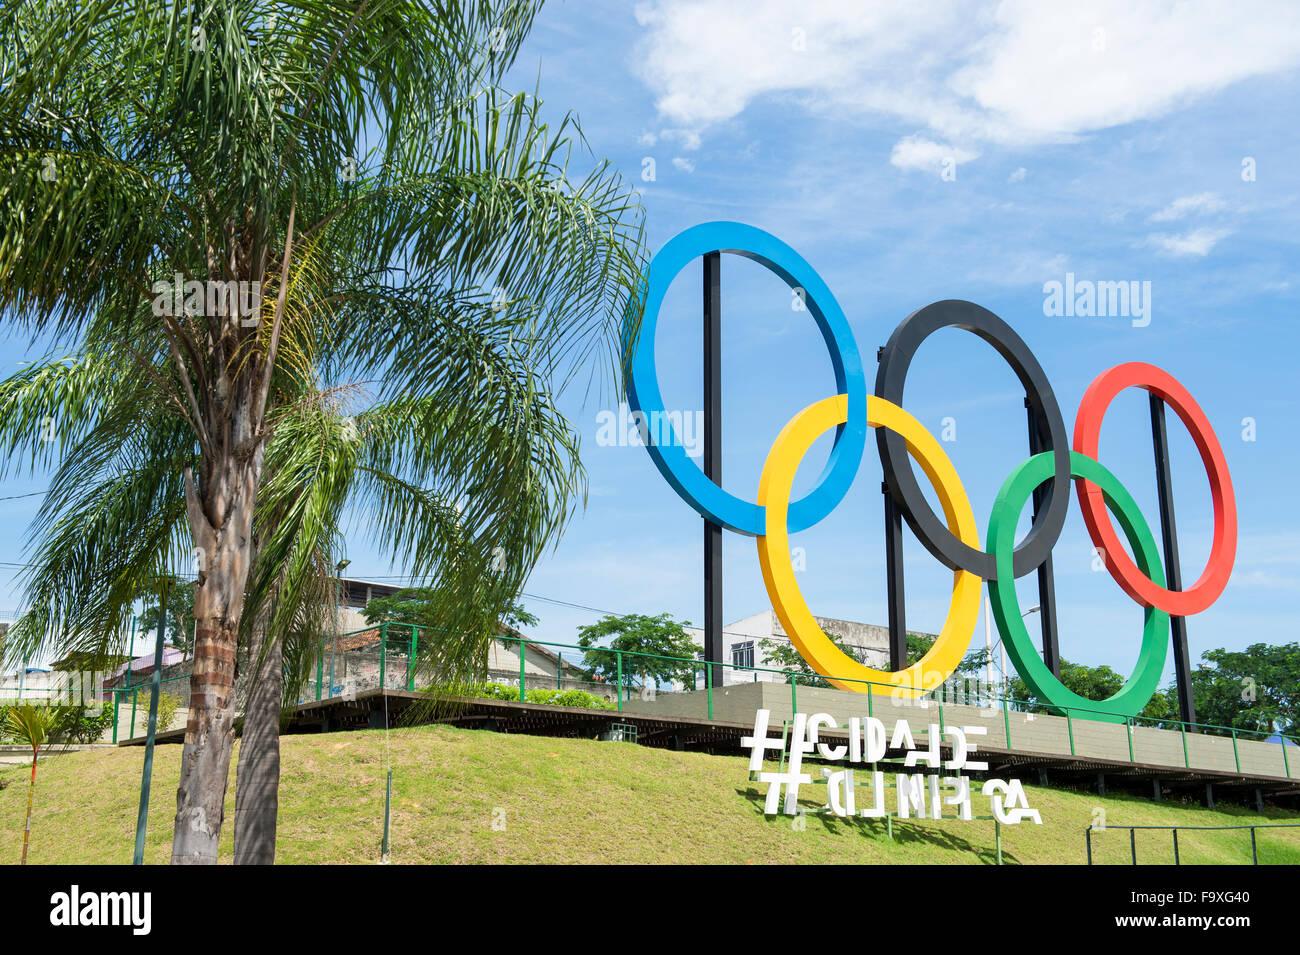 RIO DE JANEIRO, Brésil - 31 octobre 2015: anneaux olympiques se tiennent près de palmiers dans le Photo Stock